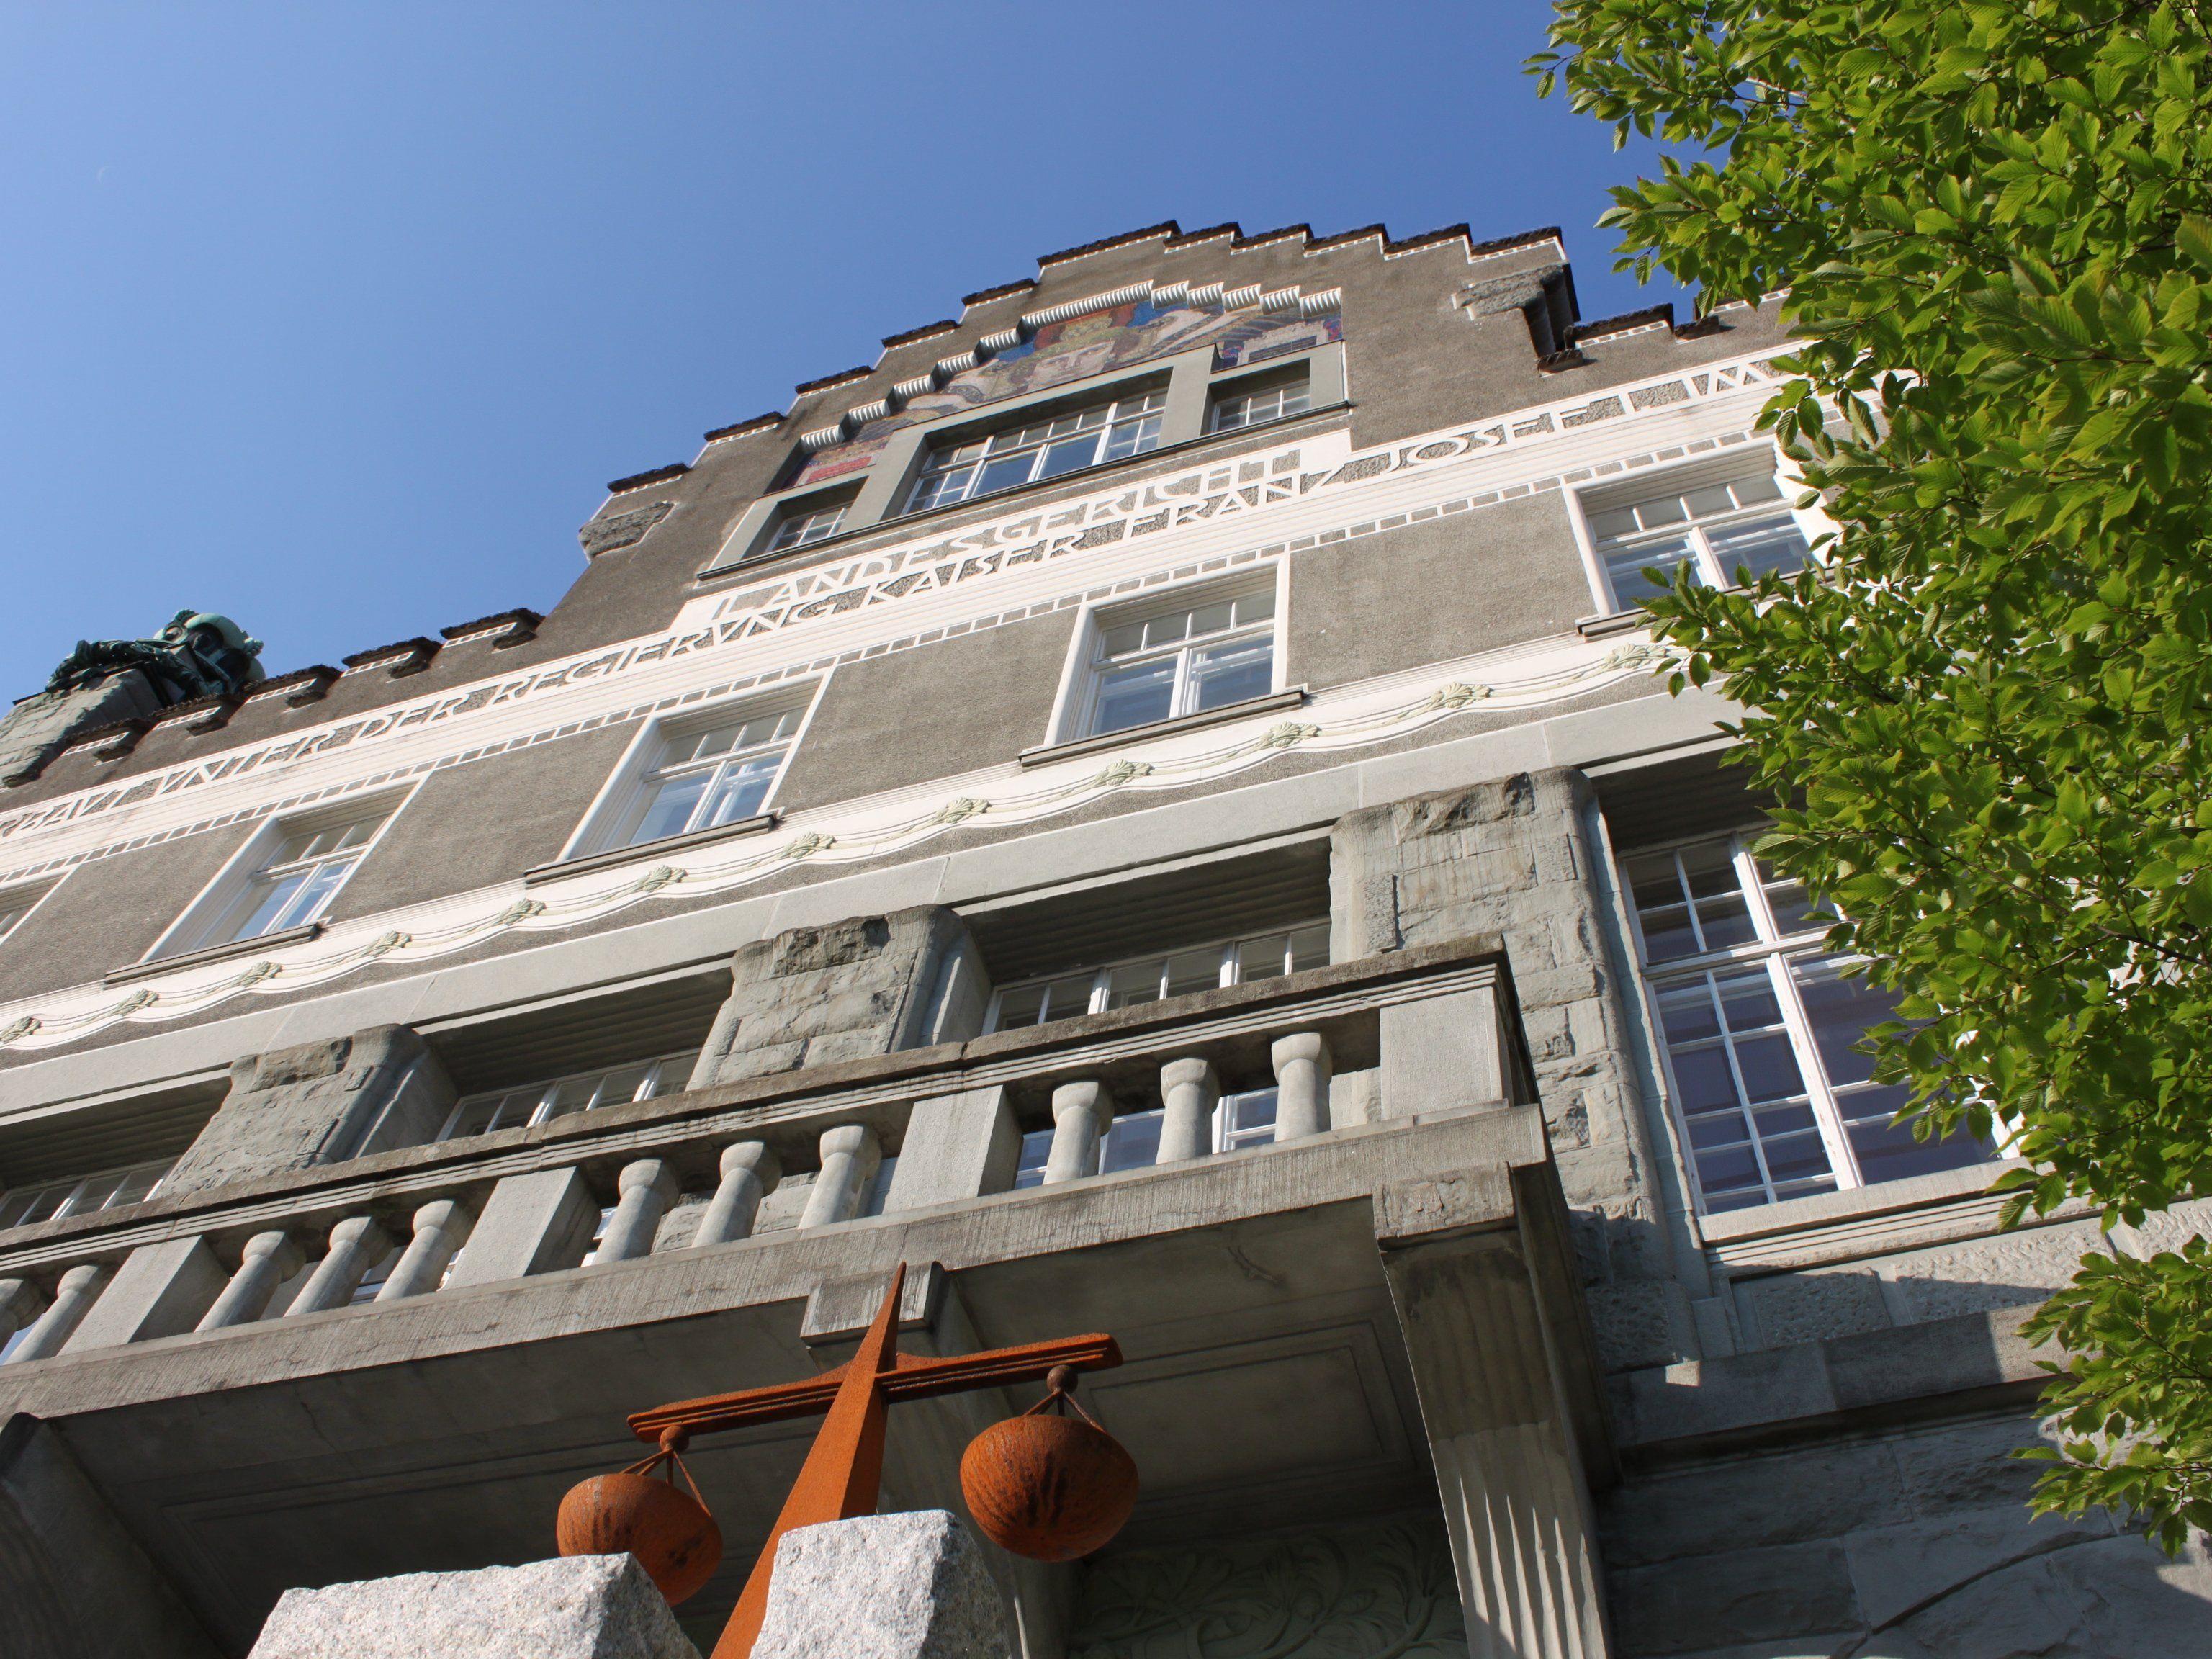 Liechtensteinische Personalleasingfirma fordert 43.000 Euro von Vorarlberger Baufirma.